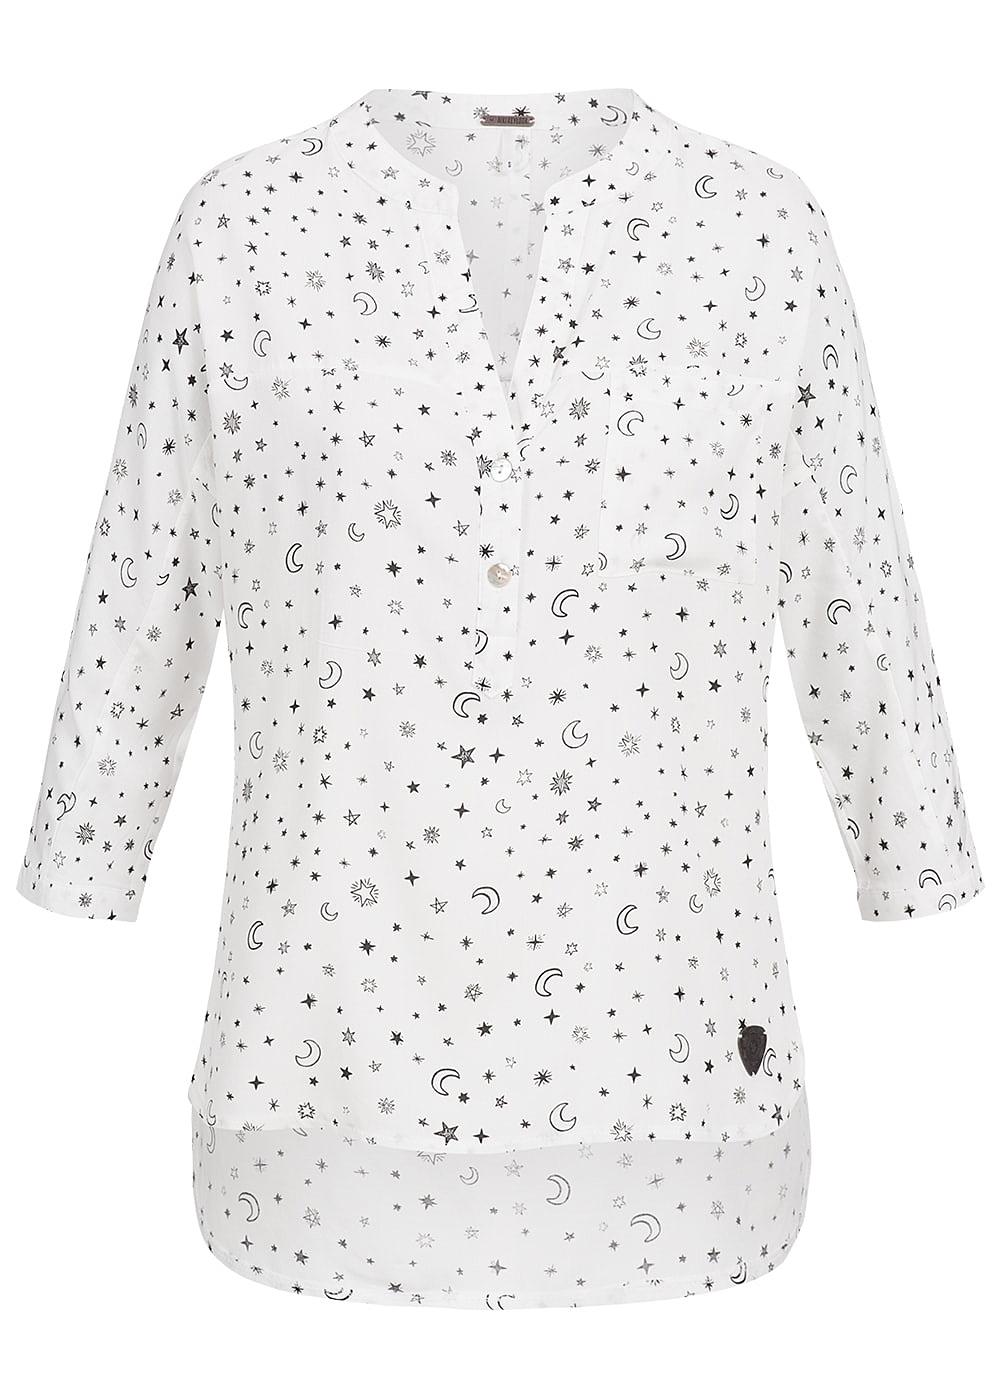 Aiki Damen Turn-Up Bluse 3/4 Ärmel Sterne Muster 3 Knöpfe Brusttasche off weiss schwarz 17084034S WH